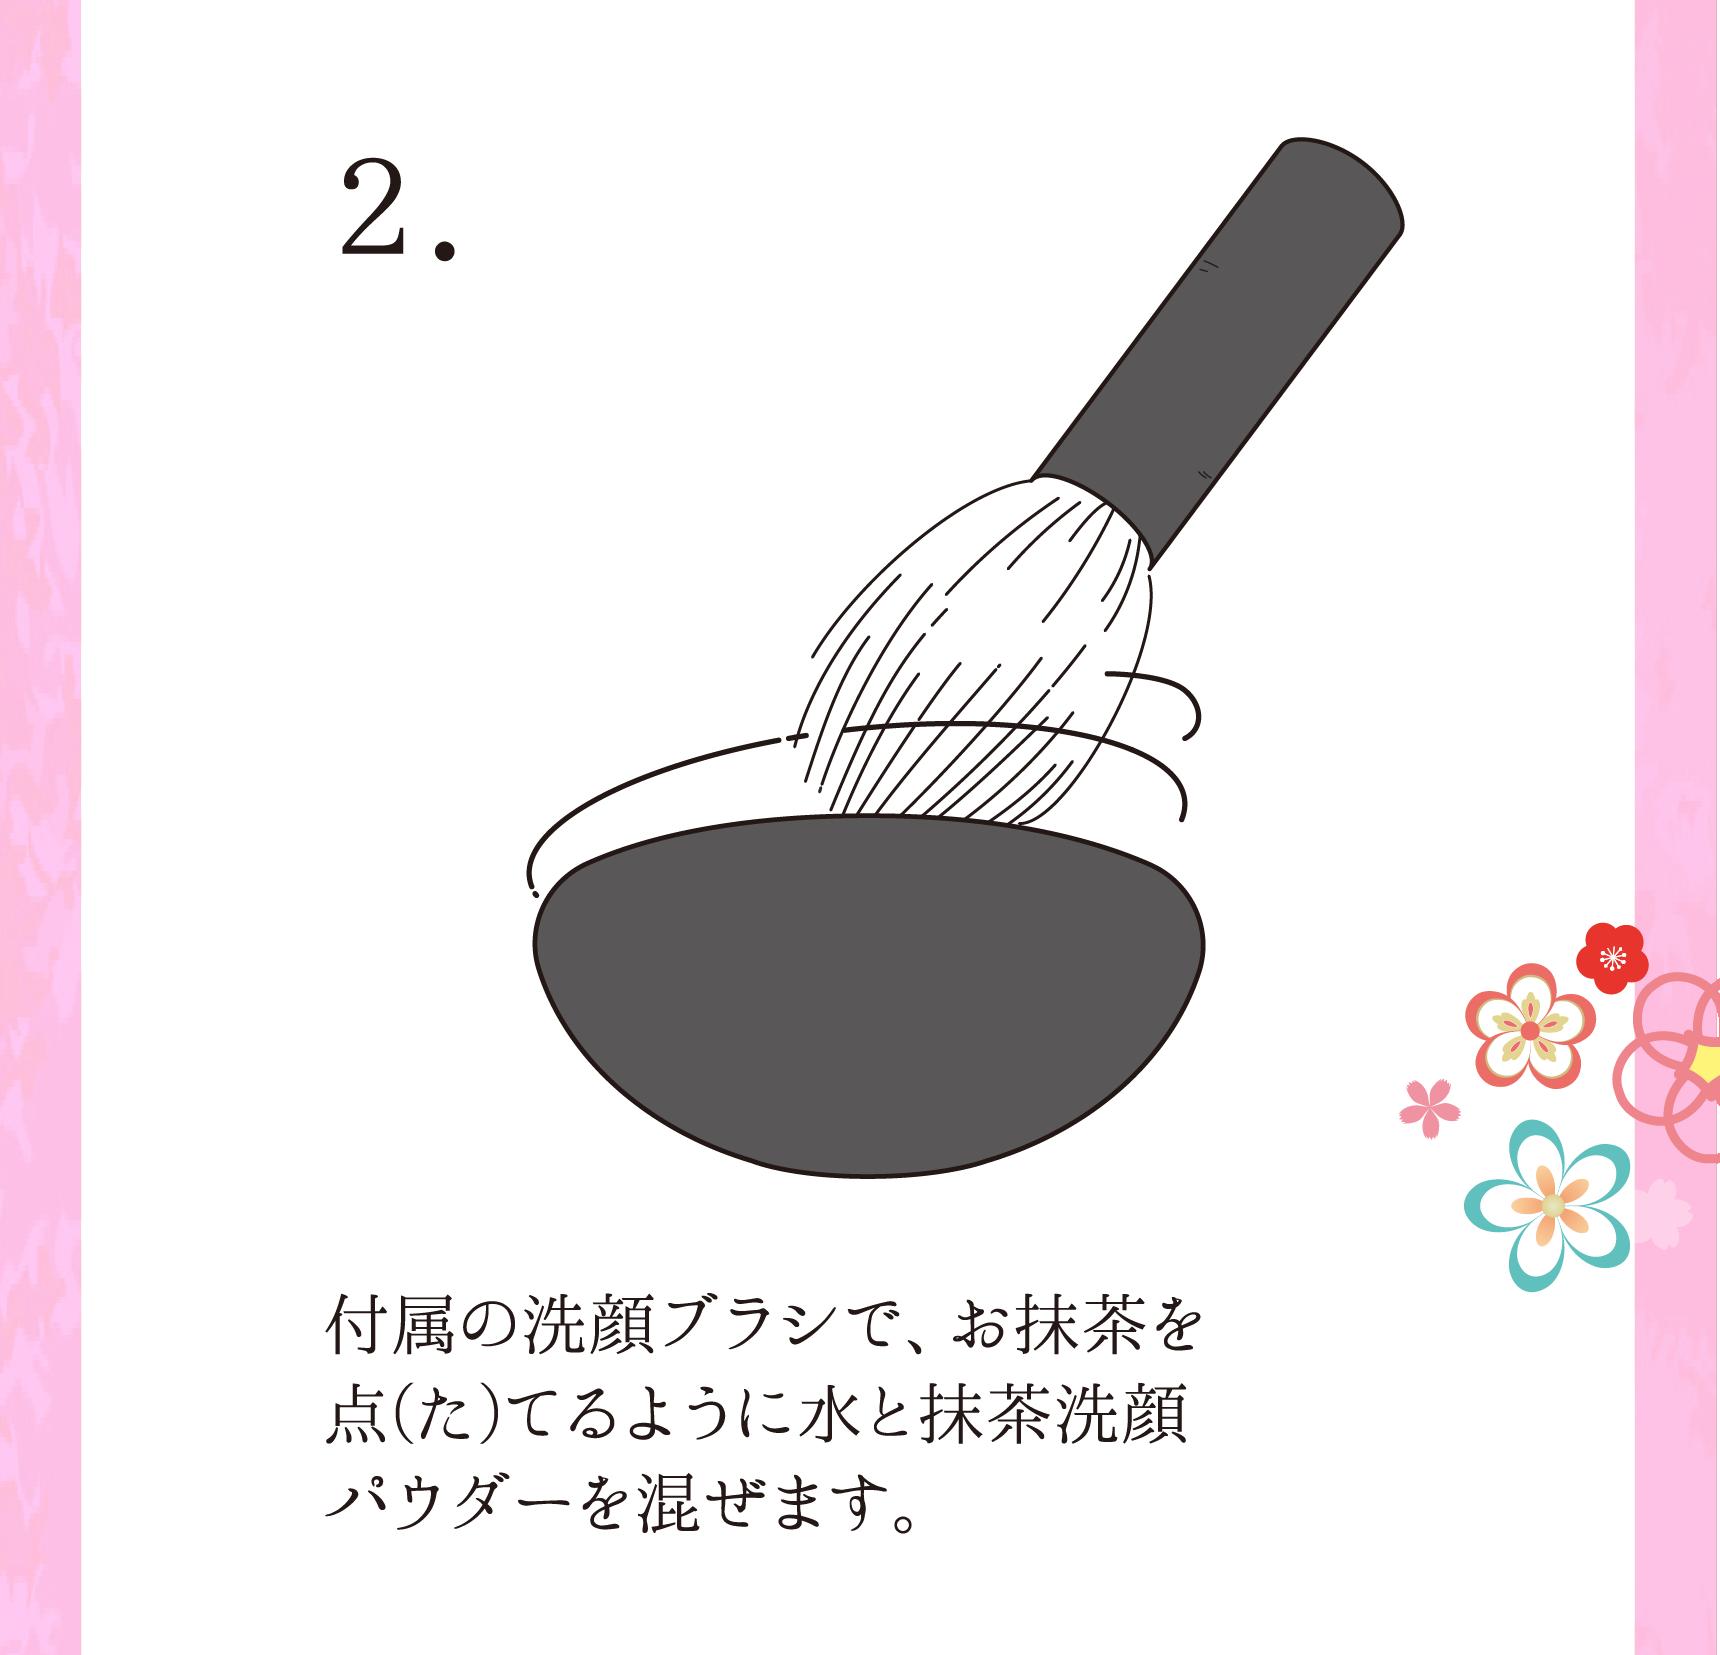 ②付属の洗顔ブラシで、お抹茶を点(た)てるように水と抹茶洗顔パウダーを混ぜます。